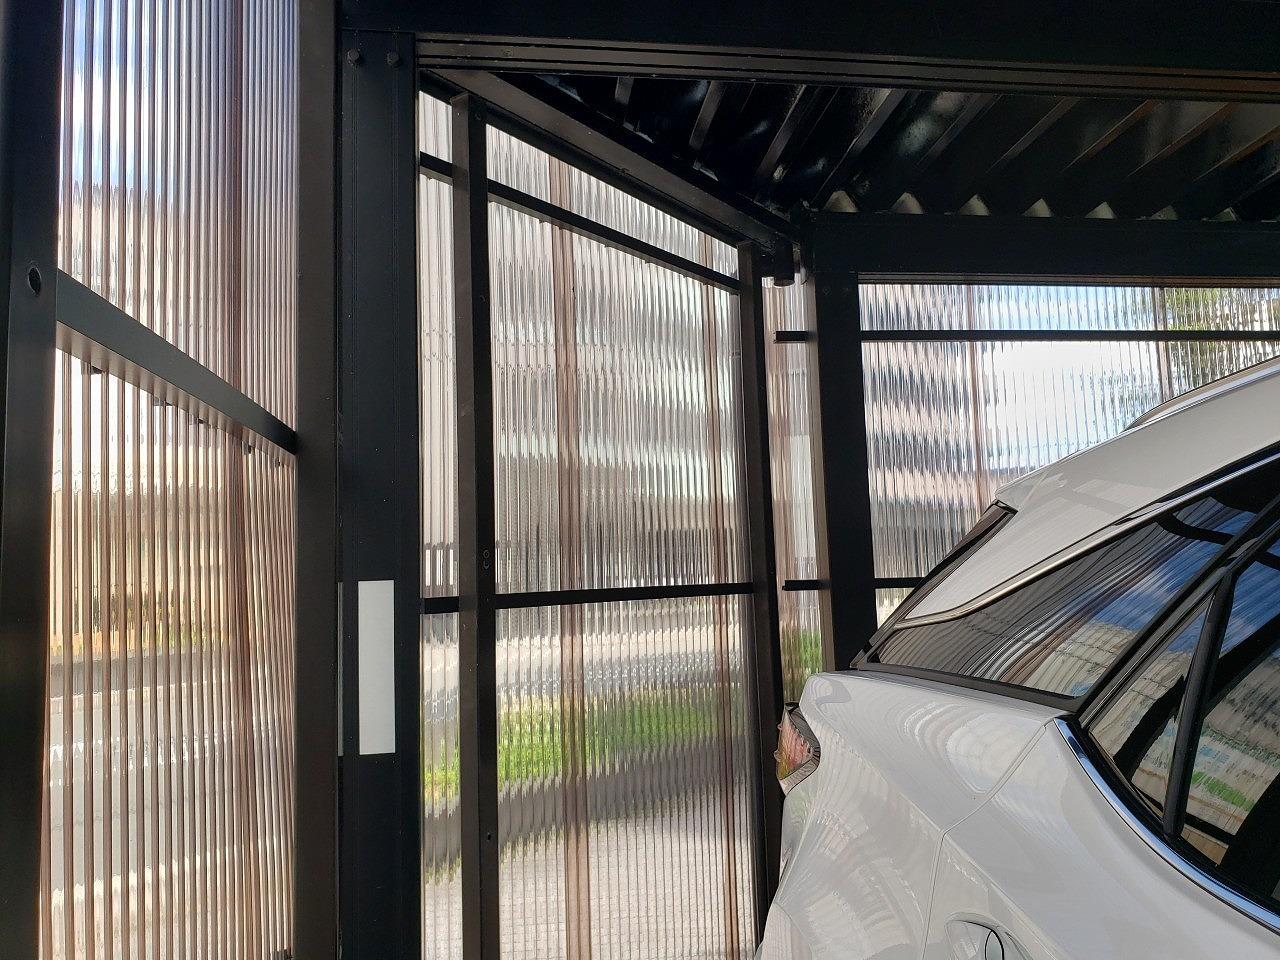 奈良市の波板外壁の車庫、内部から現調